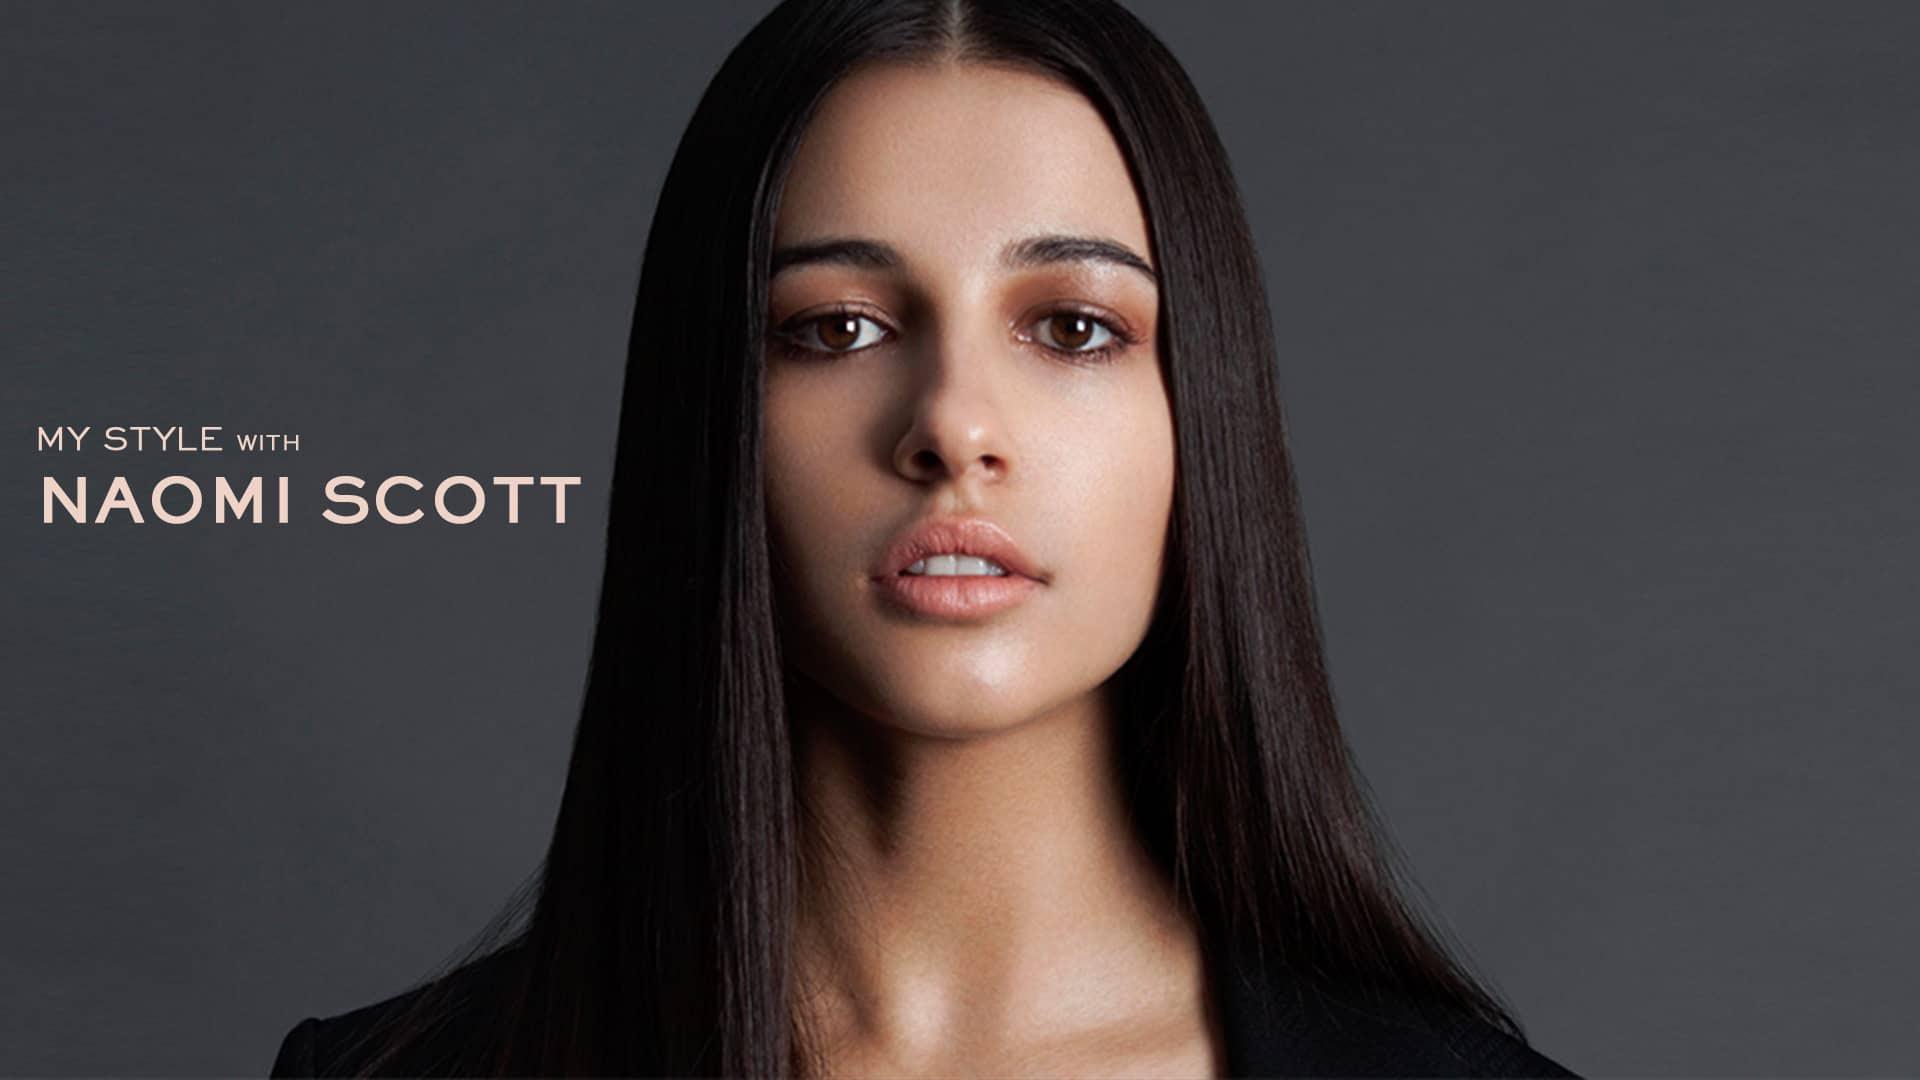 Naomi Scott Wallpapers Hd